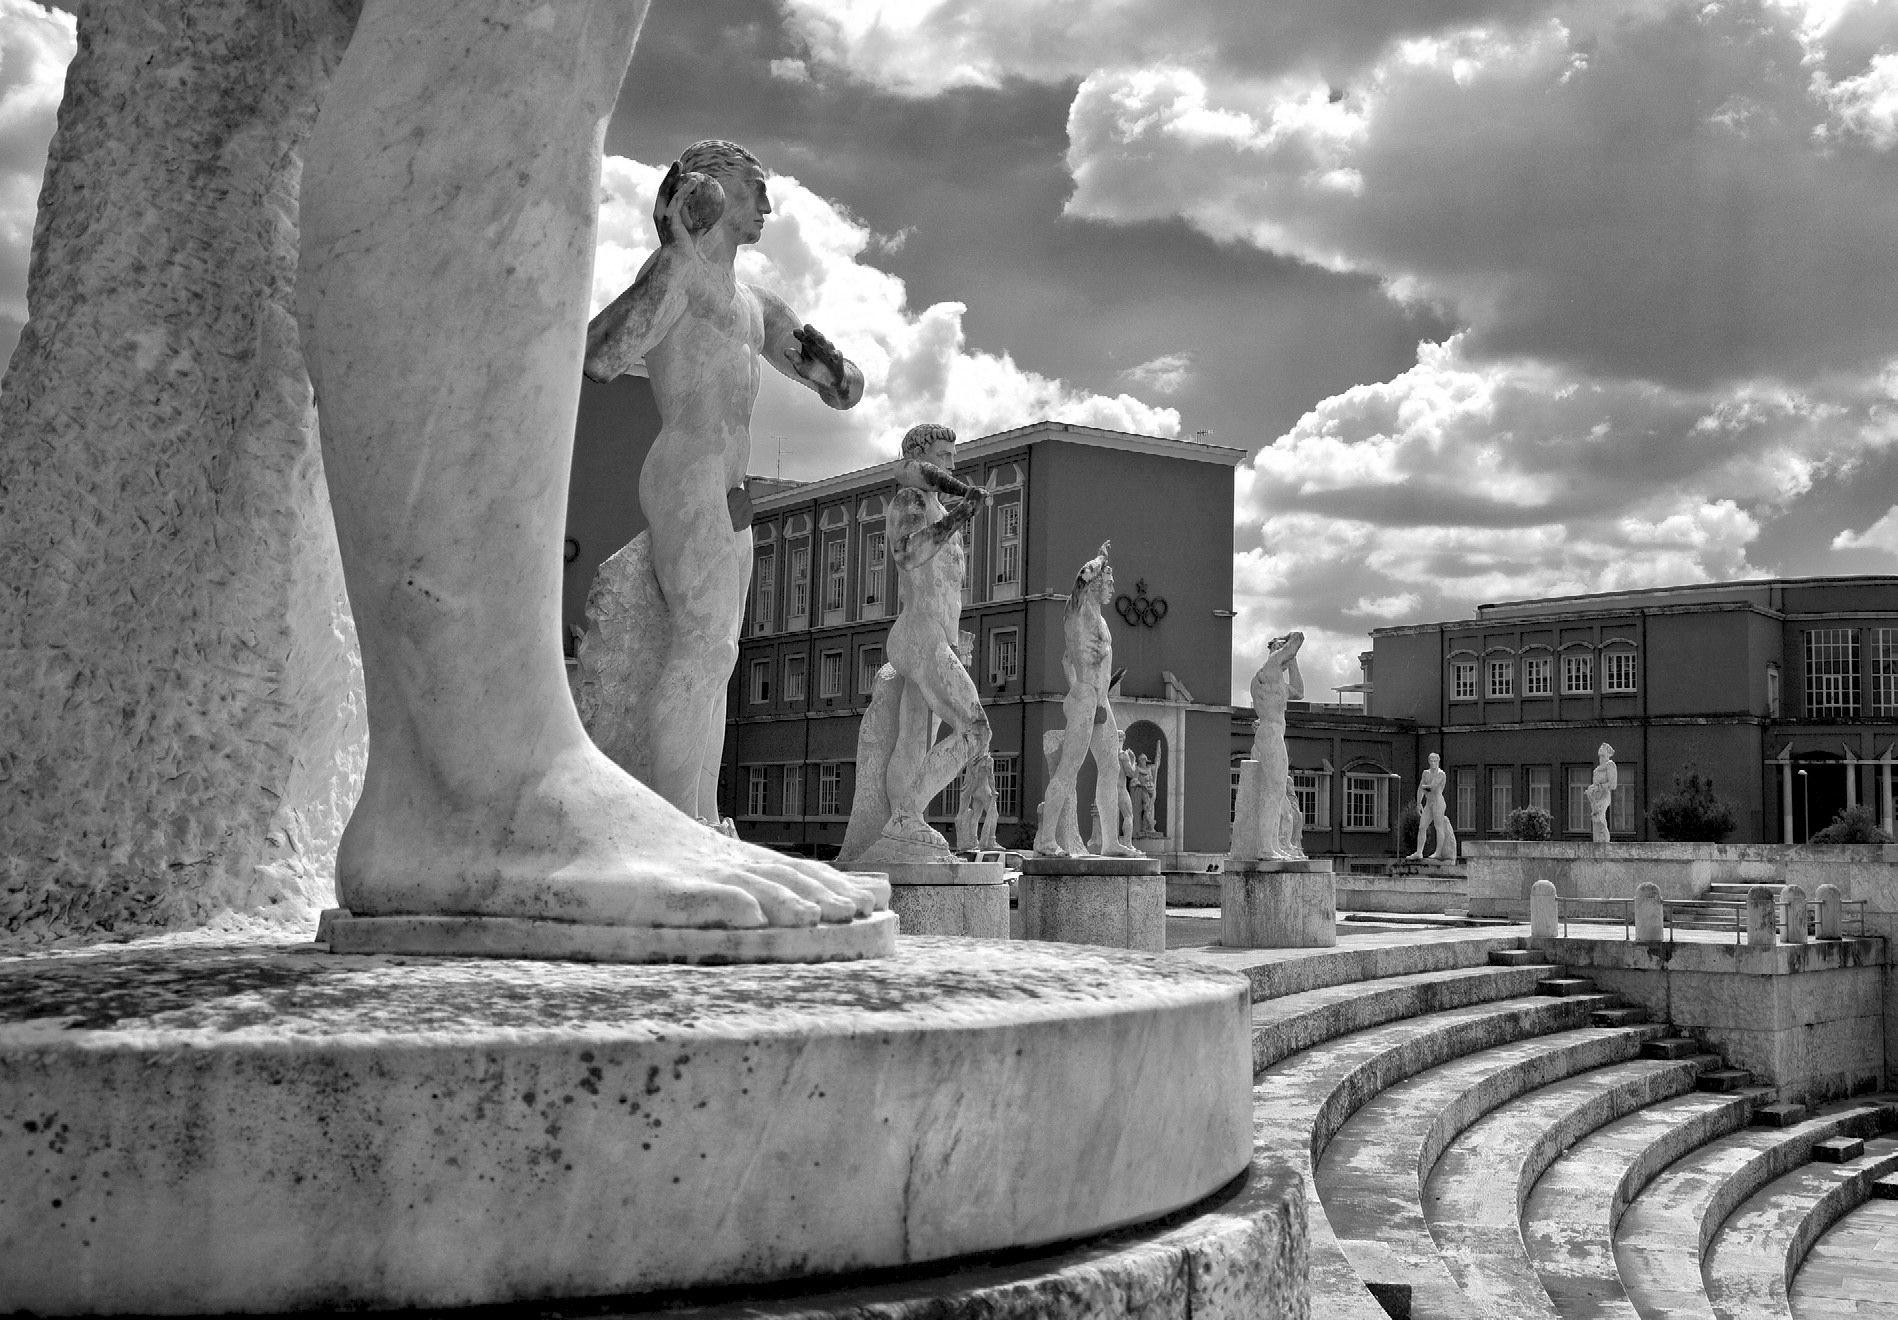 Pin Su Foro Italico Ex Foro Mussolini In Rome